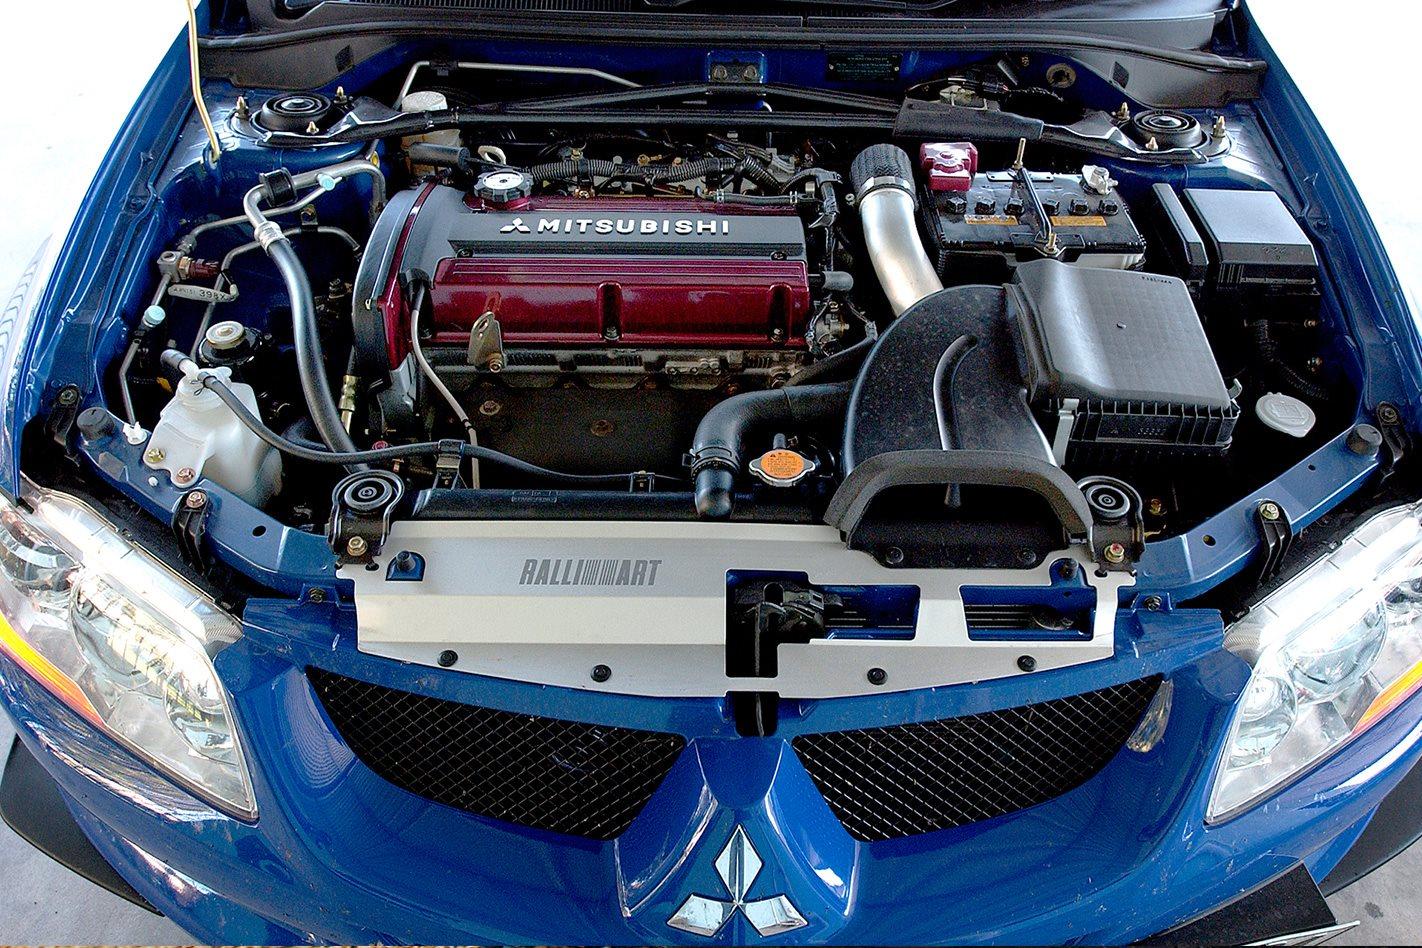 Mitsubishi Evo VIII engine